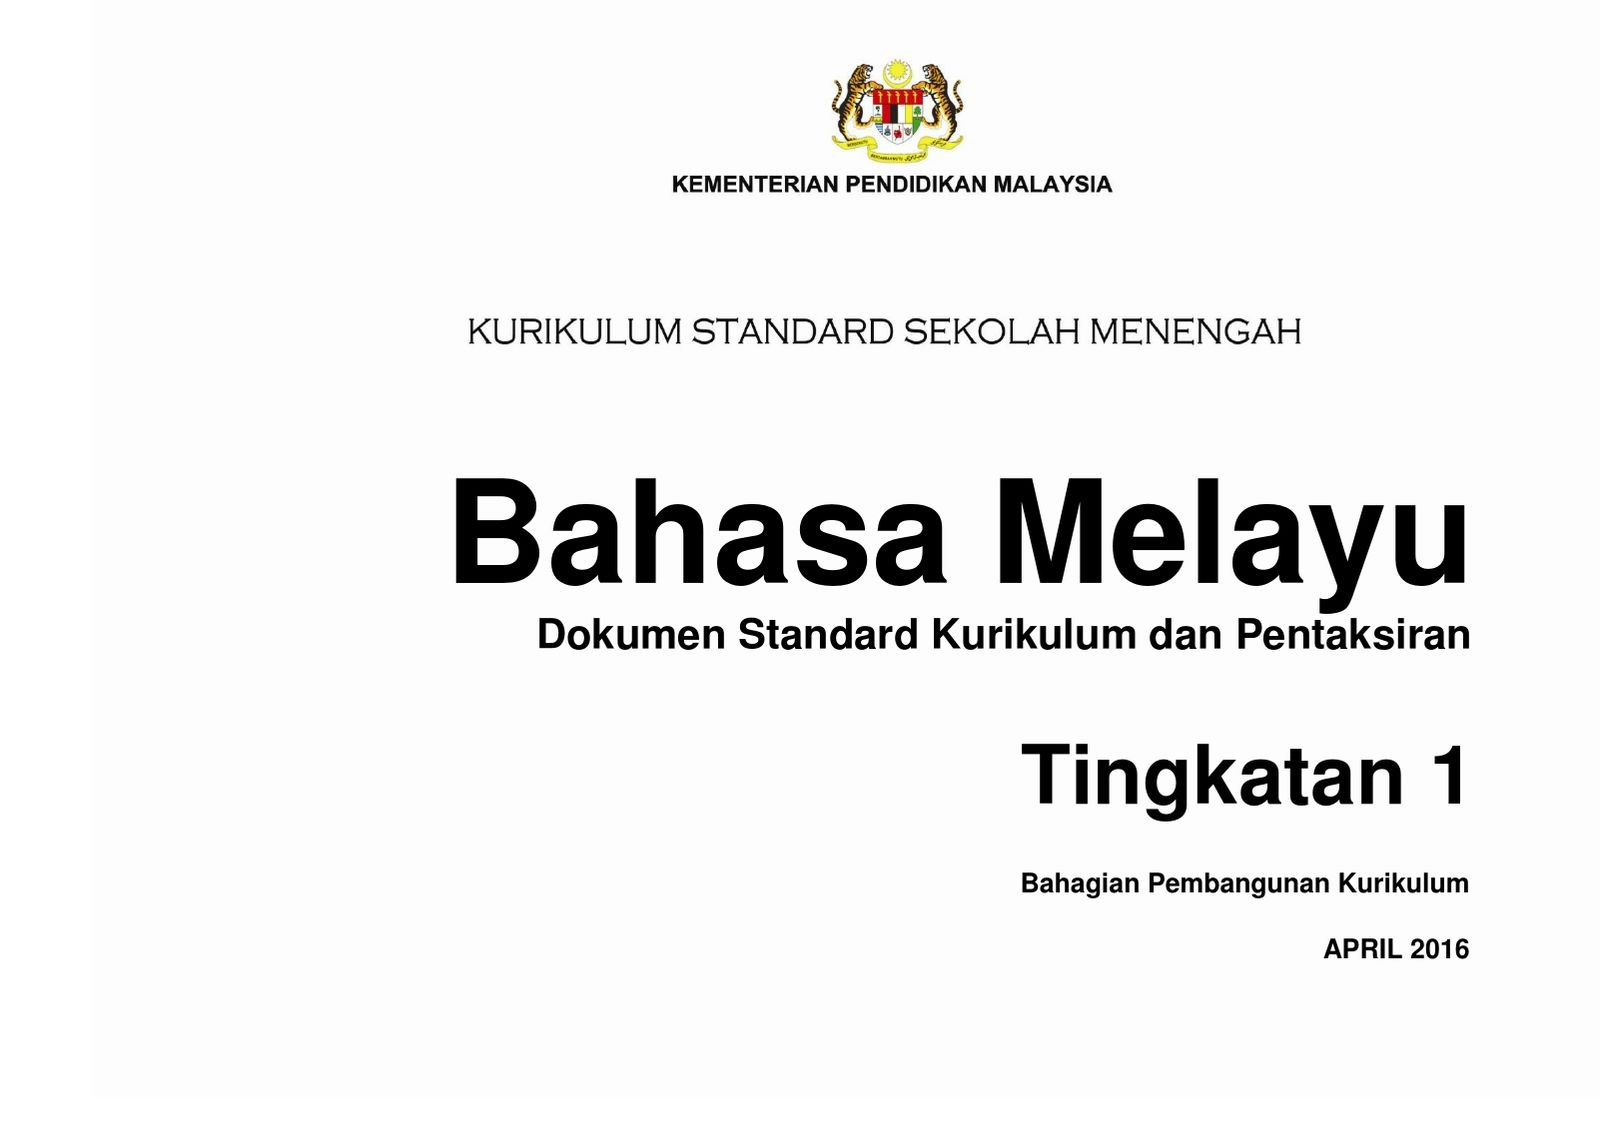 Download Dskp Bahasa Melayu Tingkatan 3 Hebat Dskp Bahasa Melayu Ting 1 2017 Pdf Flipbook Of Dapatkandskp Bahasa Melayu Tingkatan 3 Yang Dapat Di Download Dengan Segera